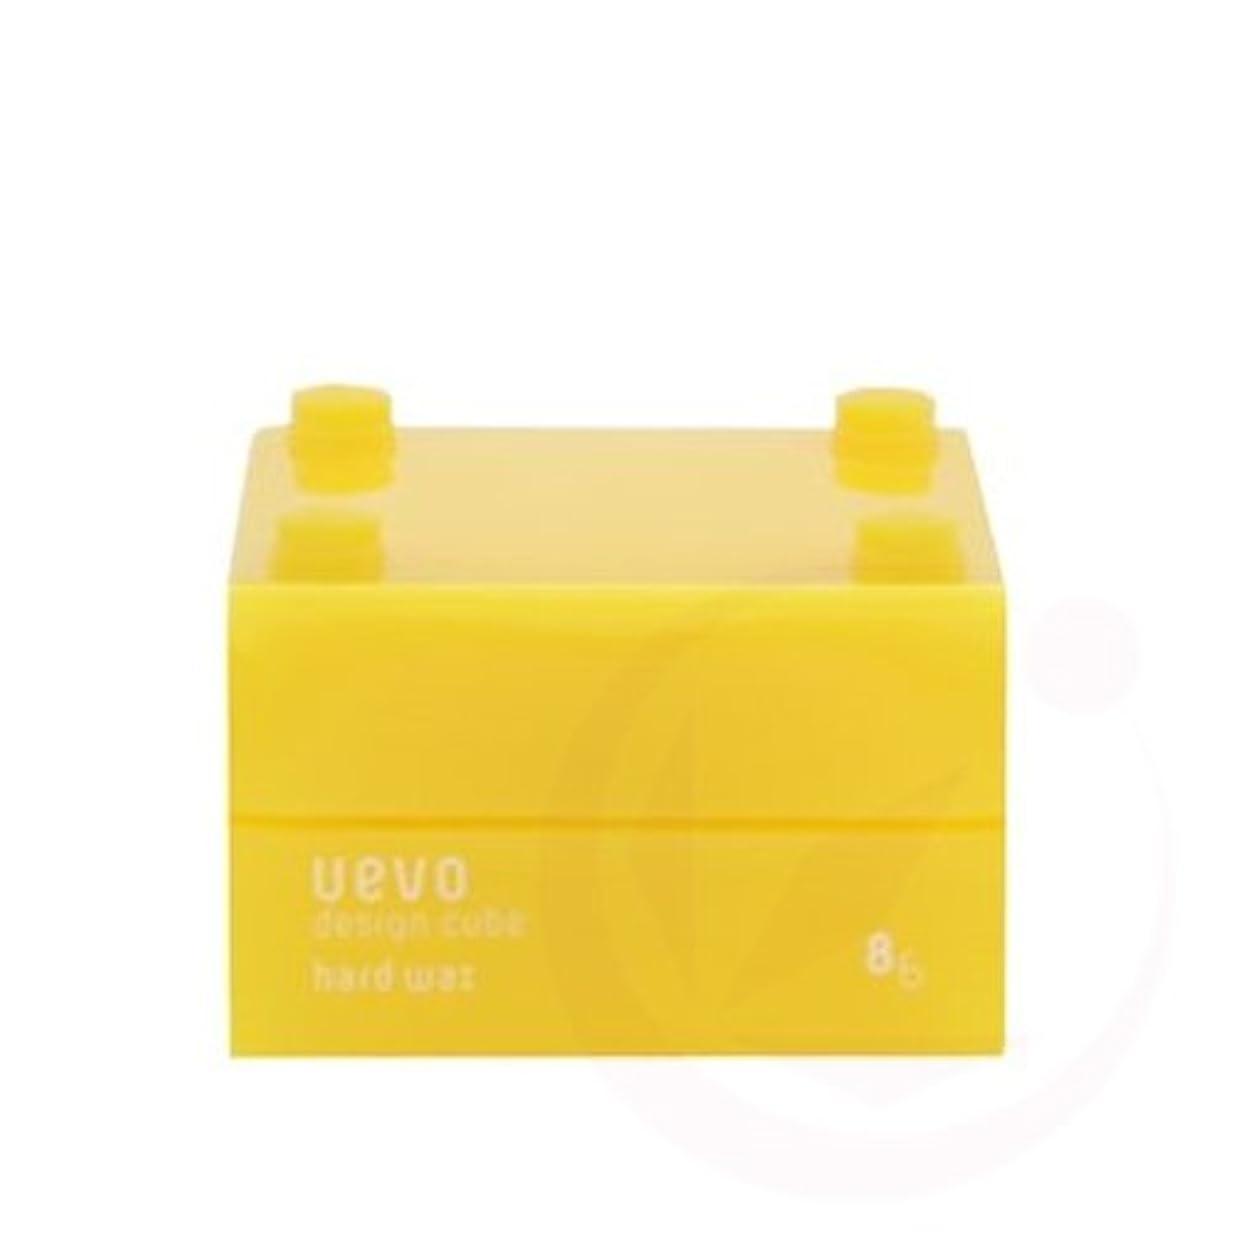 層カウンタ差別化する【デミコスメティクス】ウェーボ デザインキューブ ハードワックス 30g